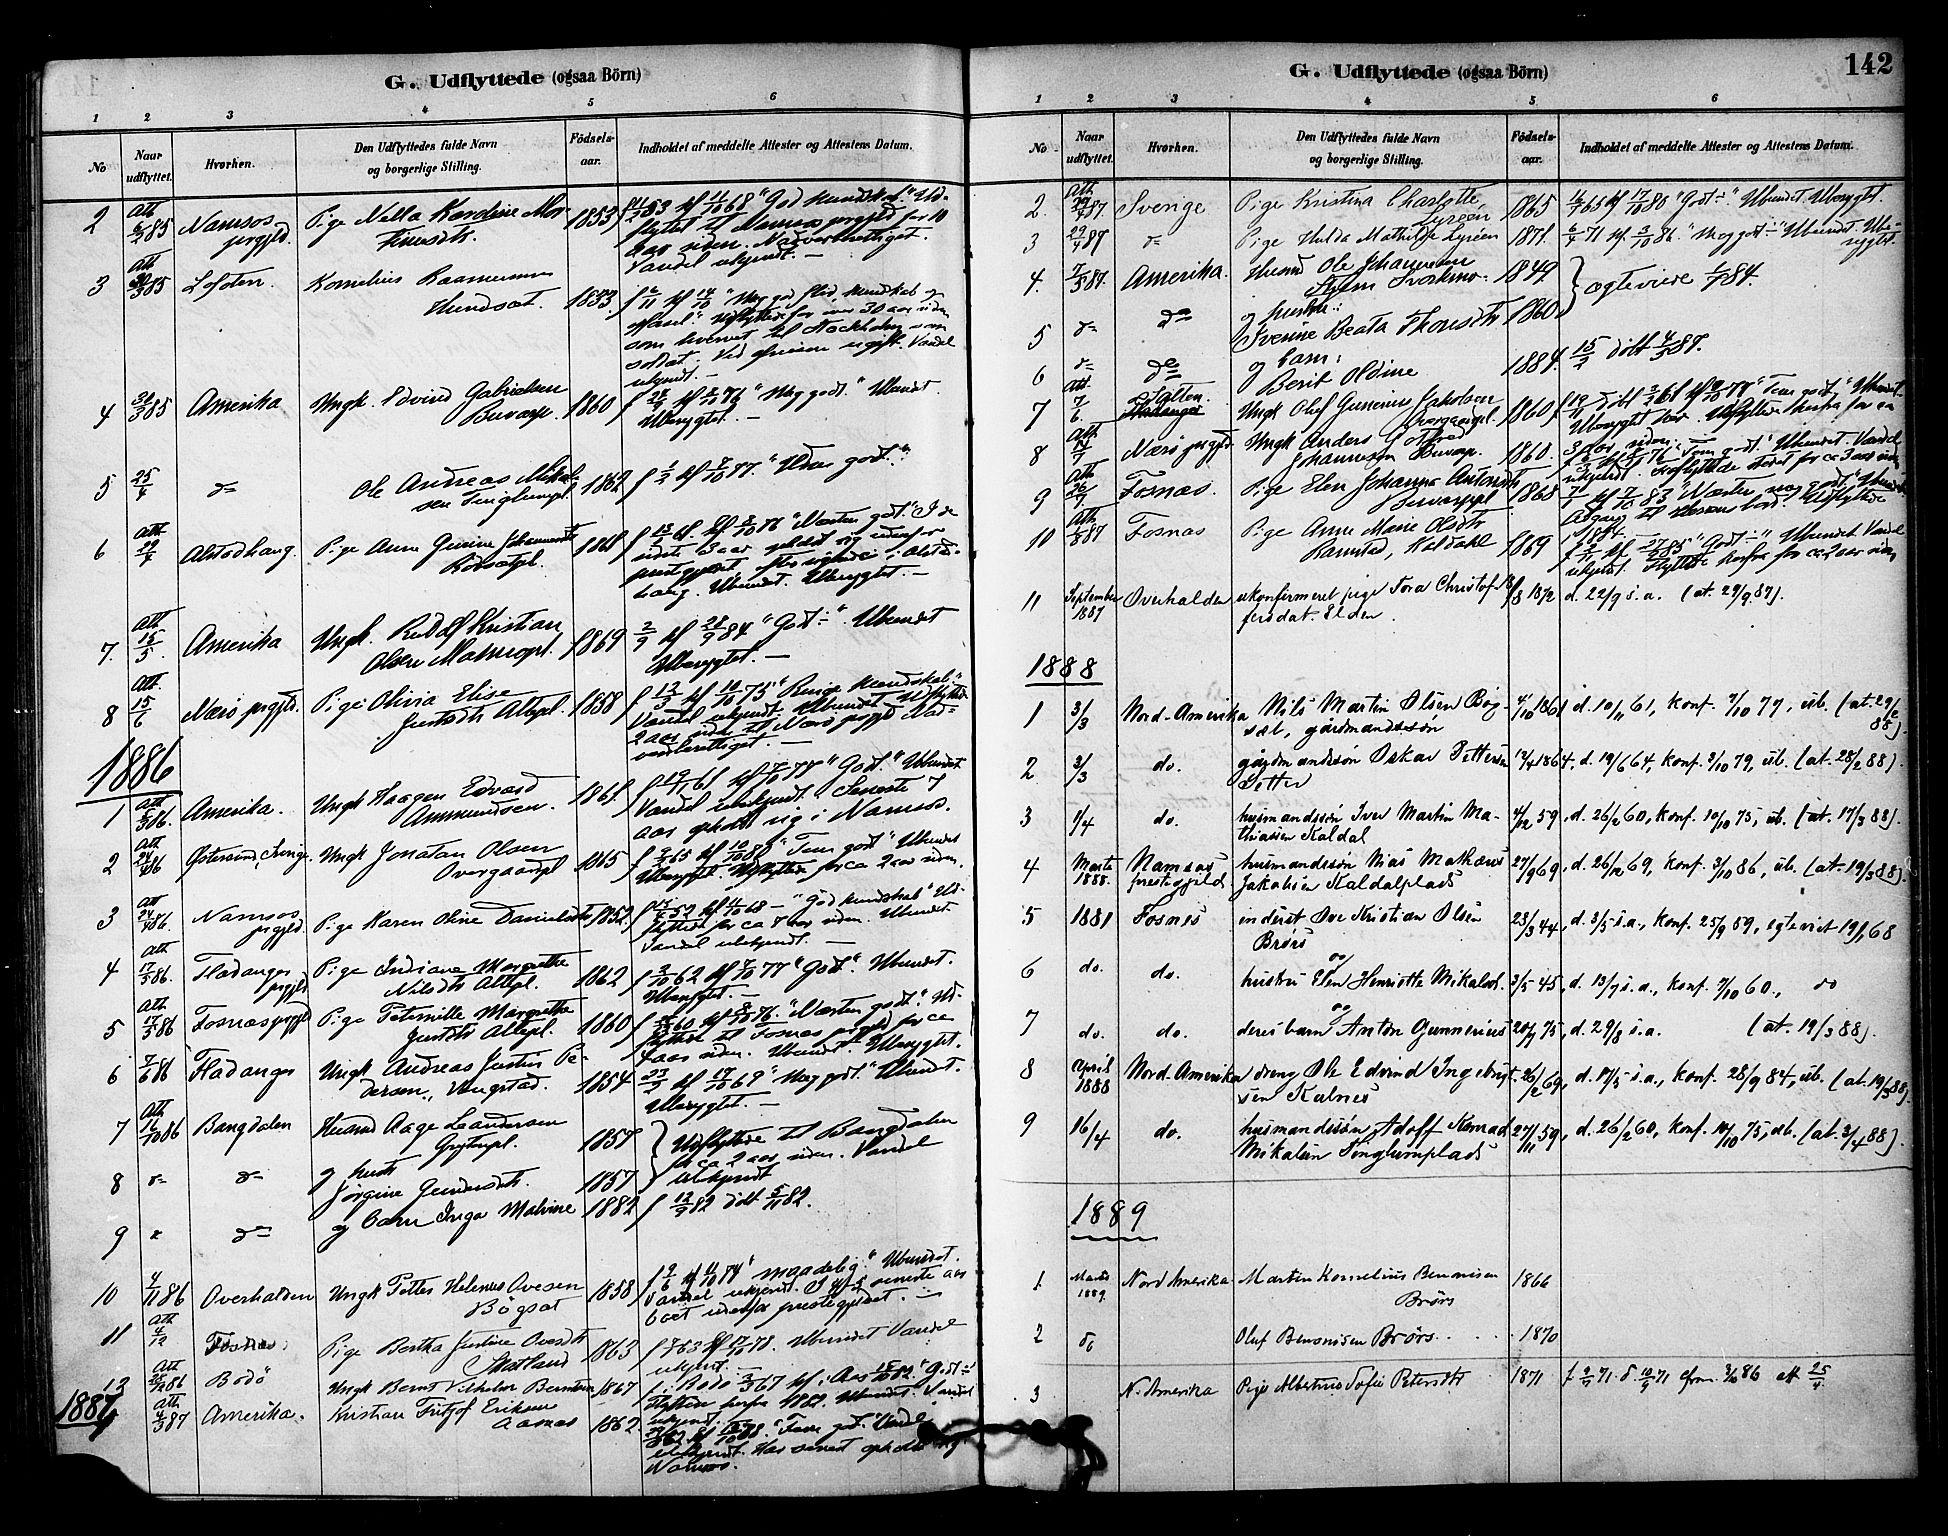 SAT, Ministerialprotokoller, klokkerbøker og fødselsregistre - Nord-Trøndelag, 742/L0408: Ministerialbok nr. 742A01, 1878-1890, s. 142